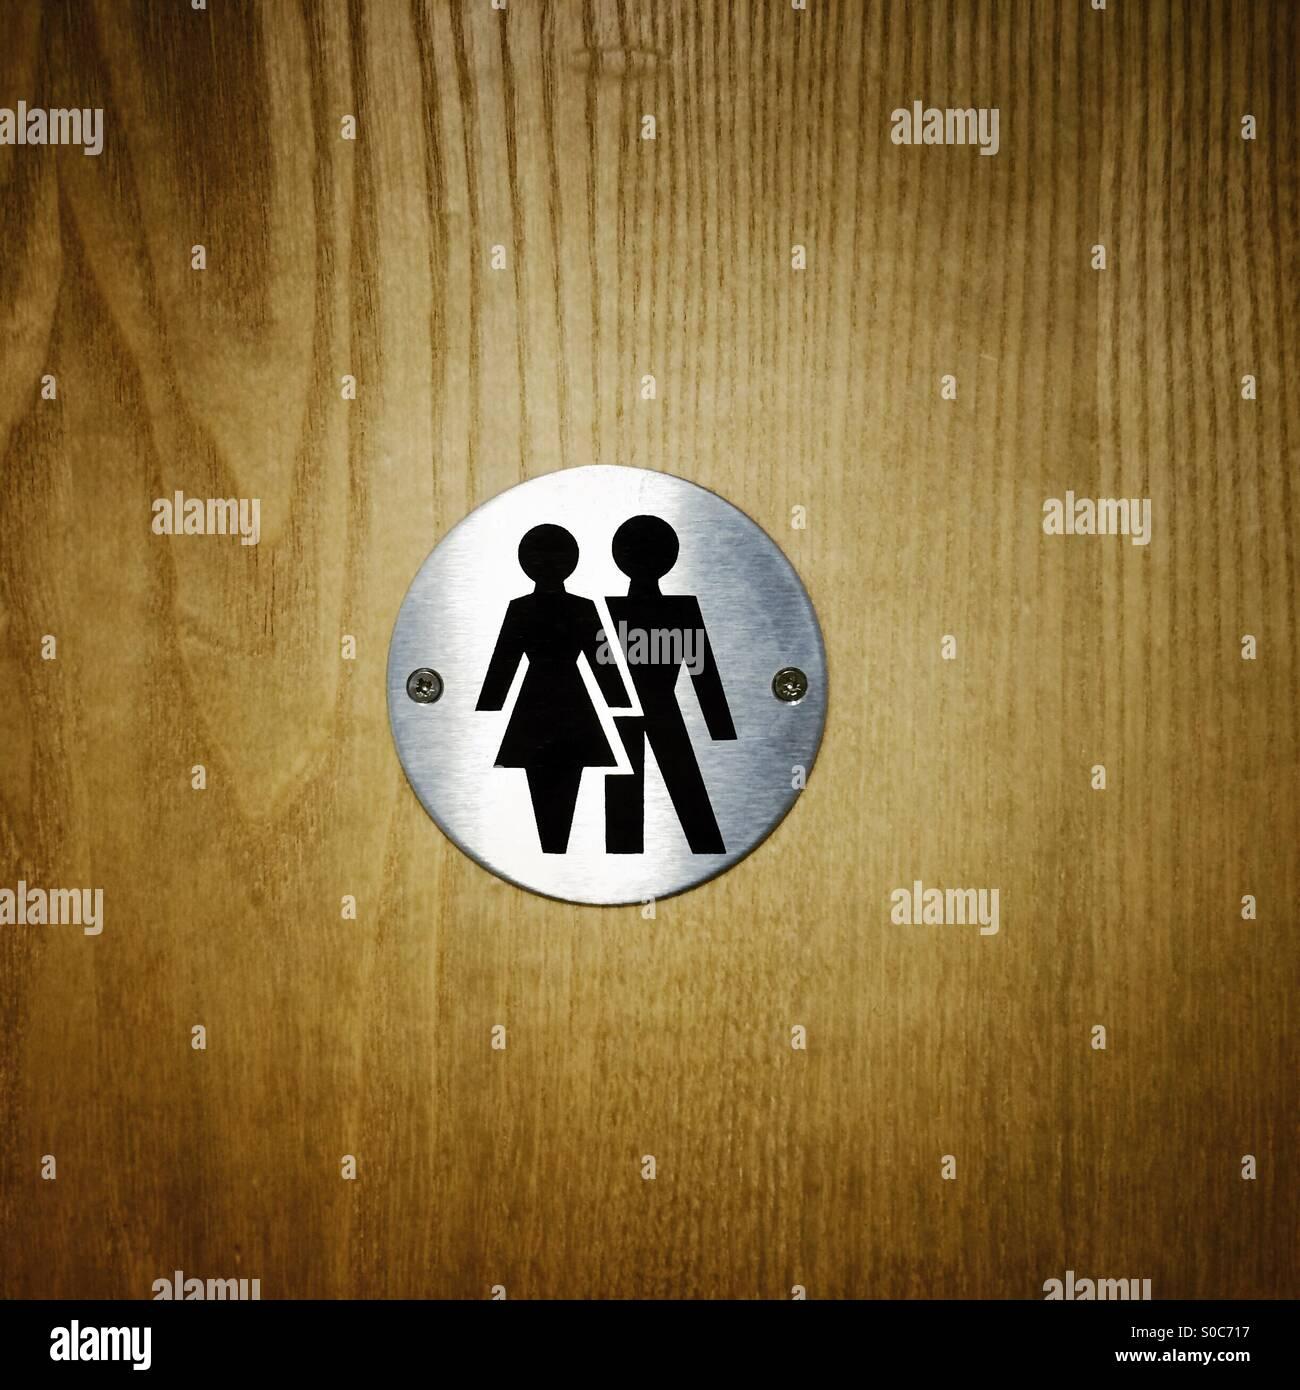 Männer Frauen Männer Frauen paar unisex Zeichen auf Holz WC wc-Tür Stockbild